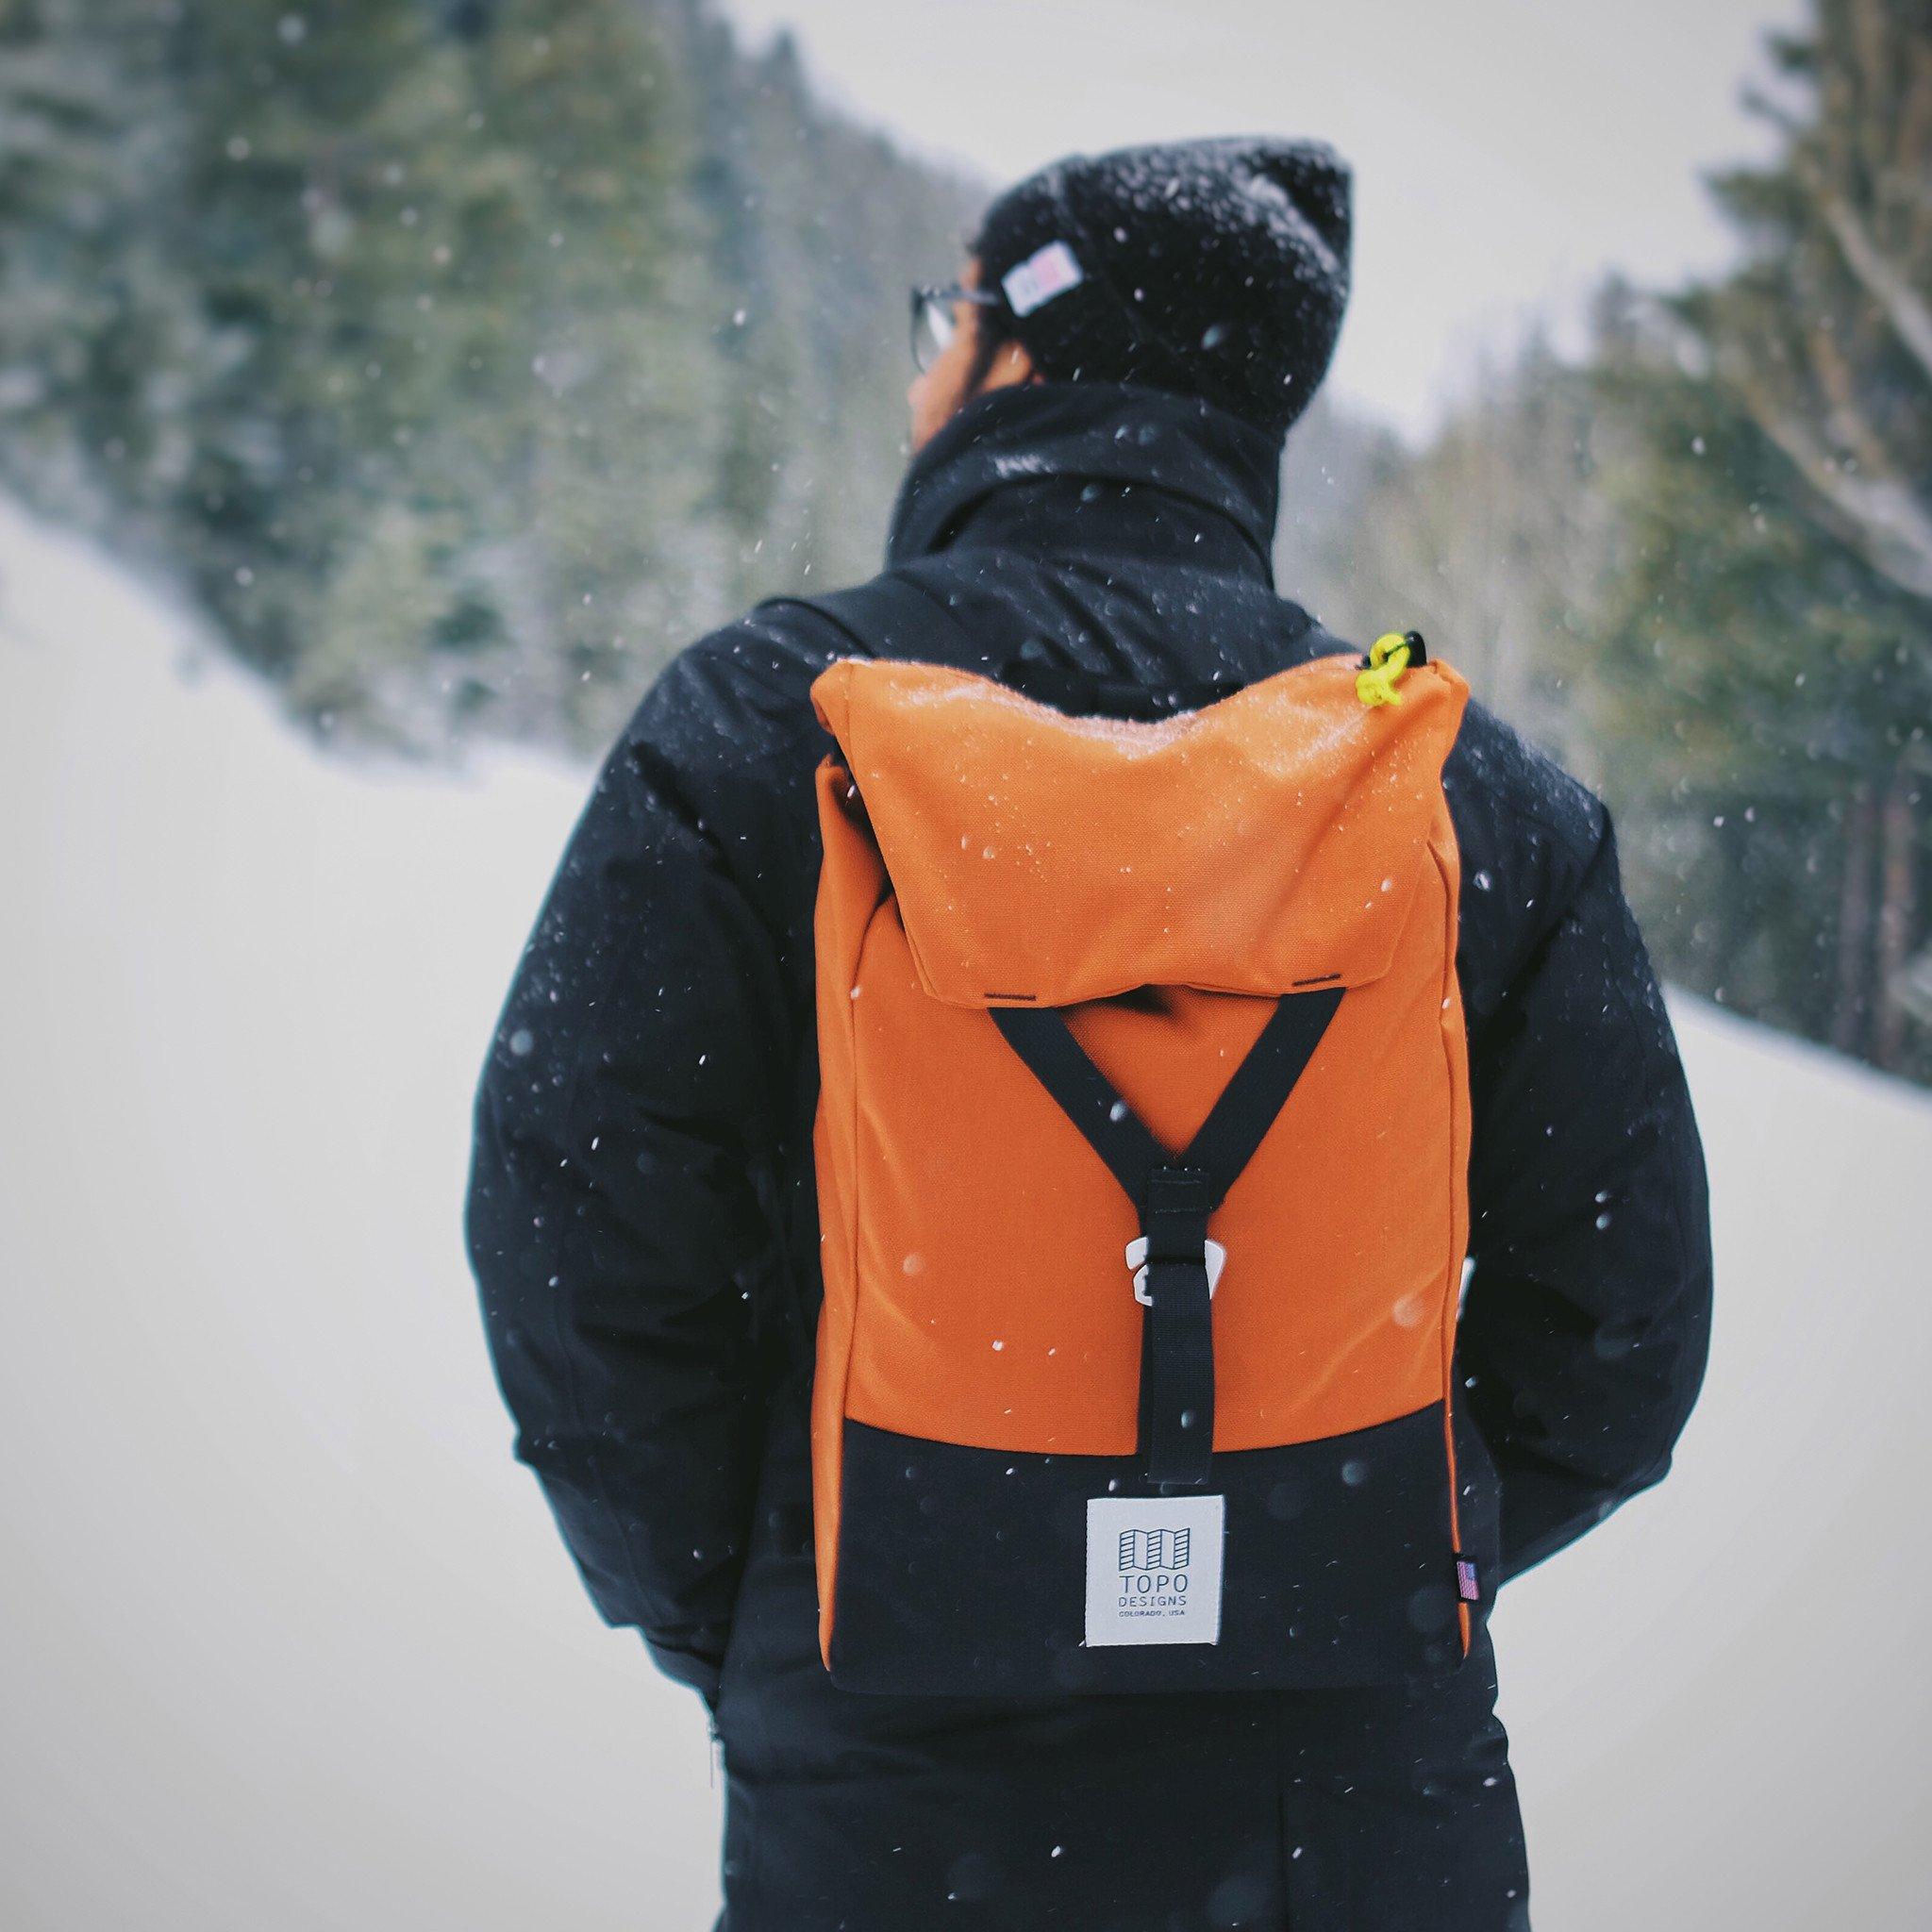 bags-y-pack-13_2048x2048